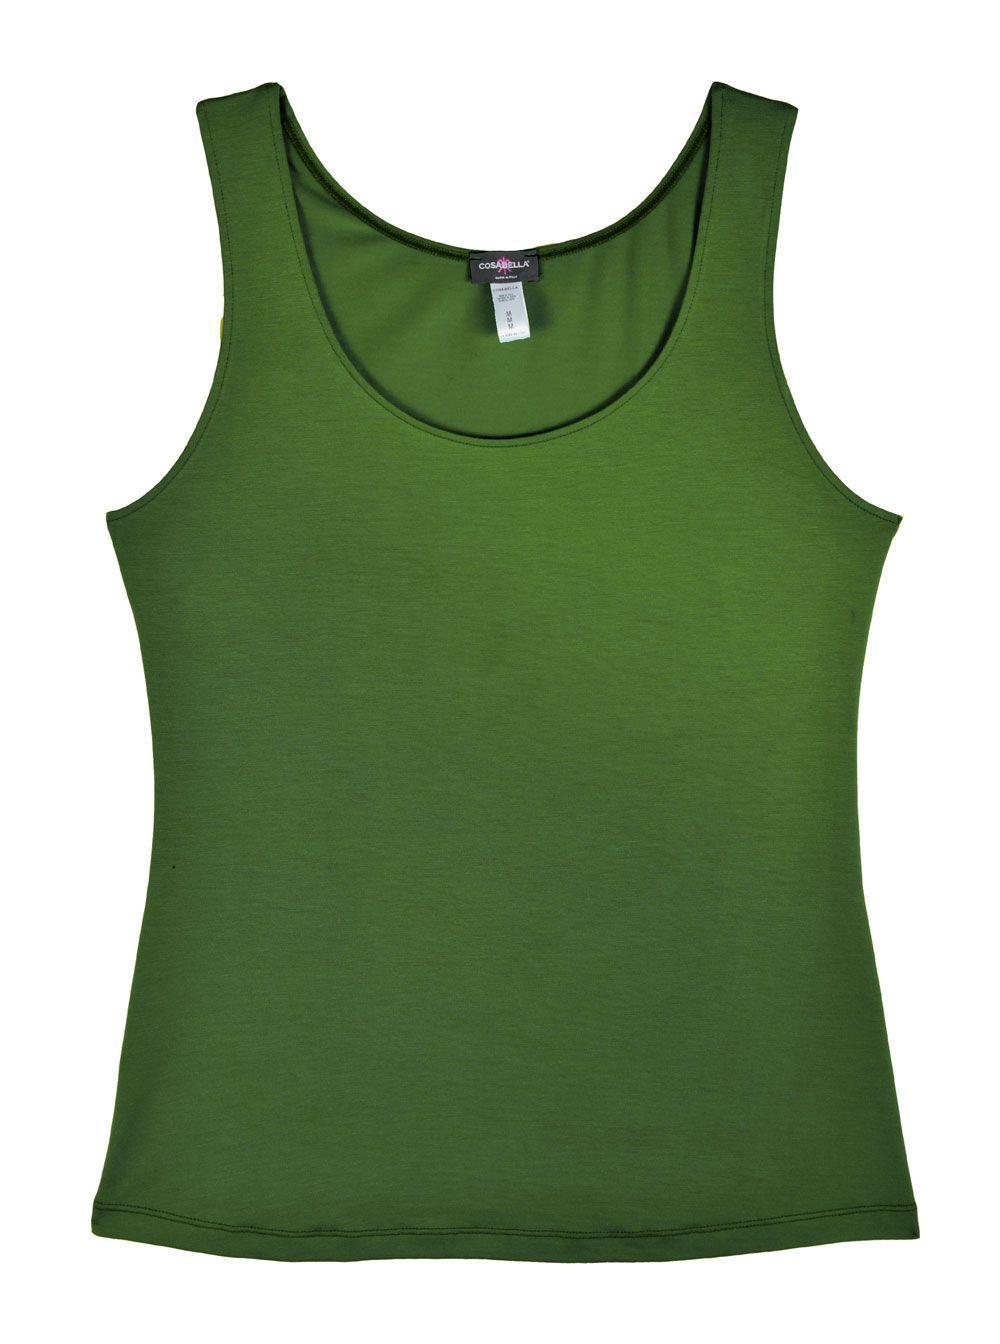 Cosabella Talco Wide Strap Camisole in Green